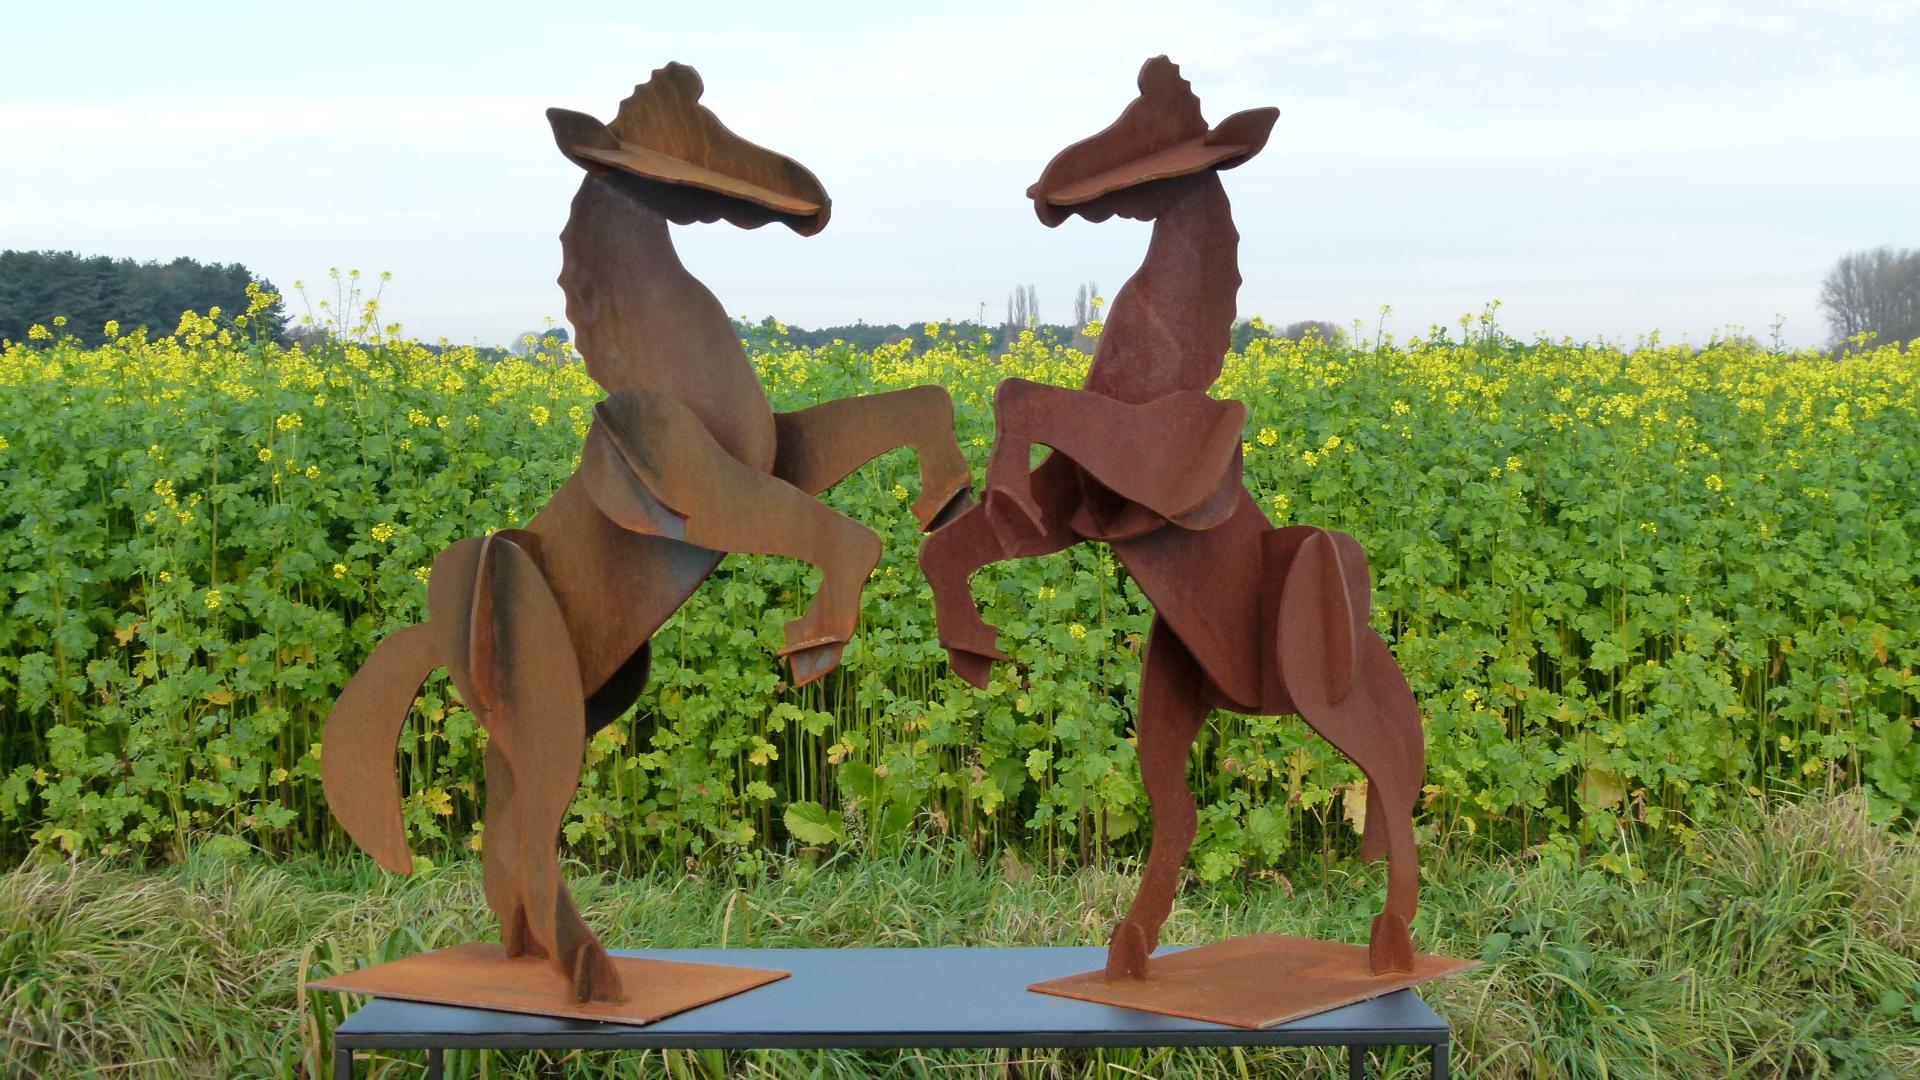 Rearing Horses in Corten Steel